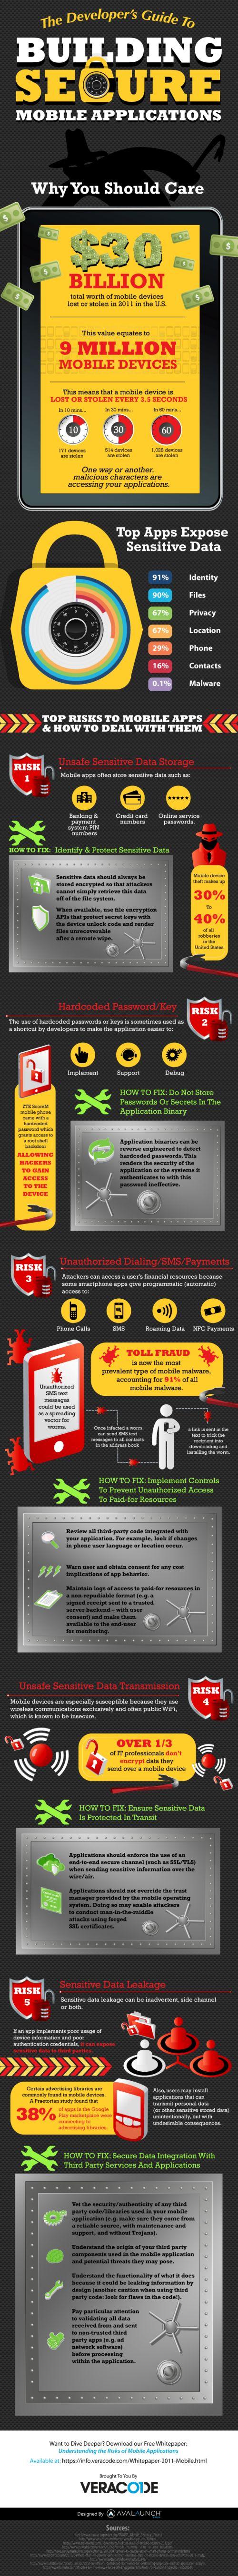 Cómo crear aplicaciones móviles seguras (Infografía) - MuySeguridad